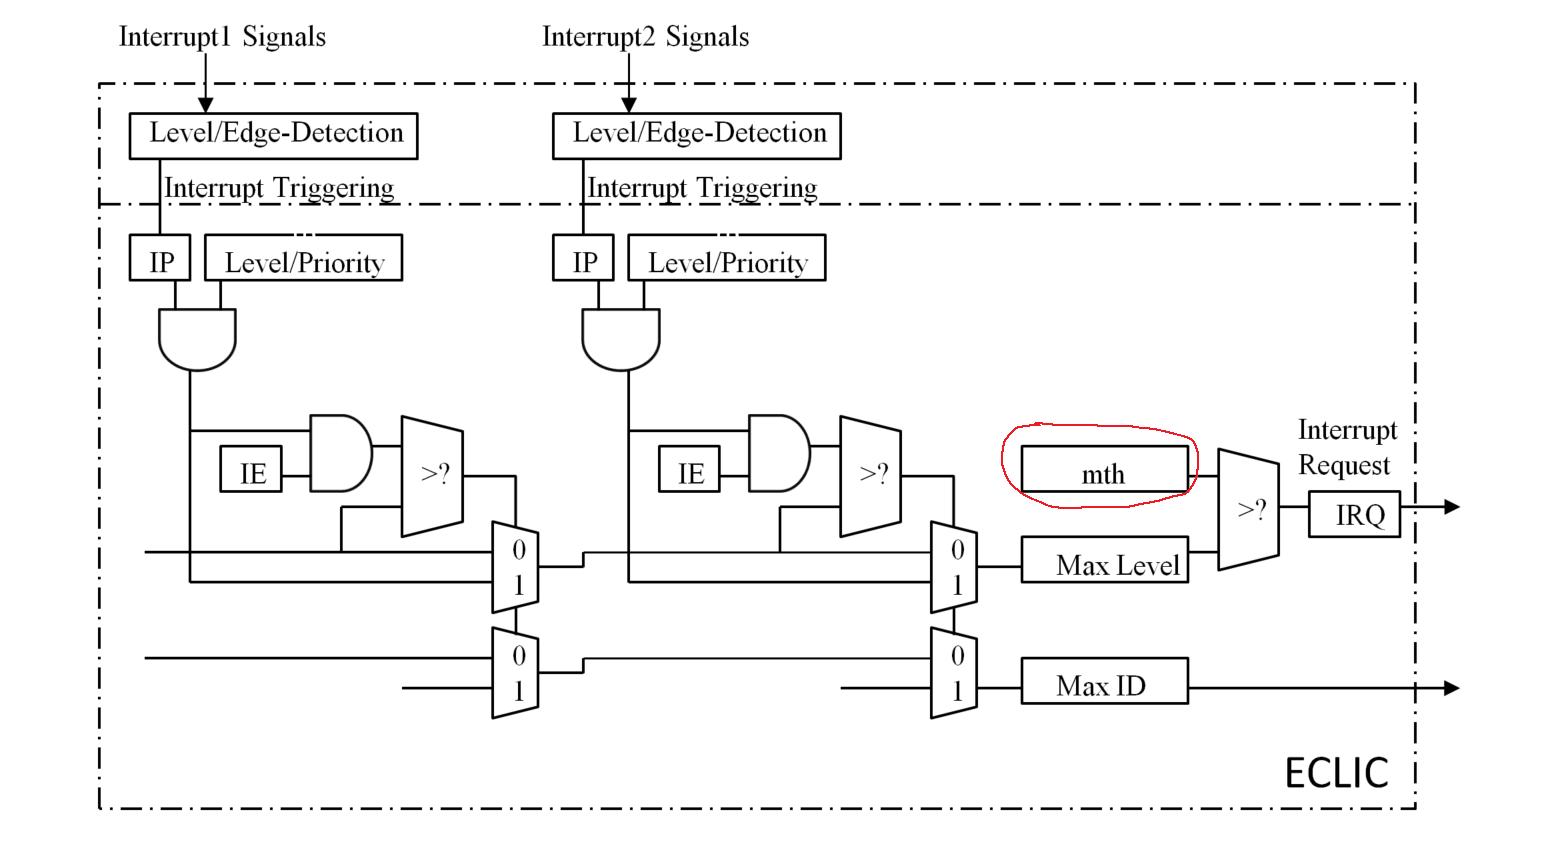 Светодиод, таймер и прерывания на RISC-V с нуля (на примере GD32VF103 и IAR C++) - 5